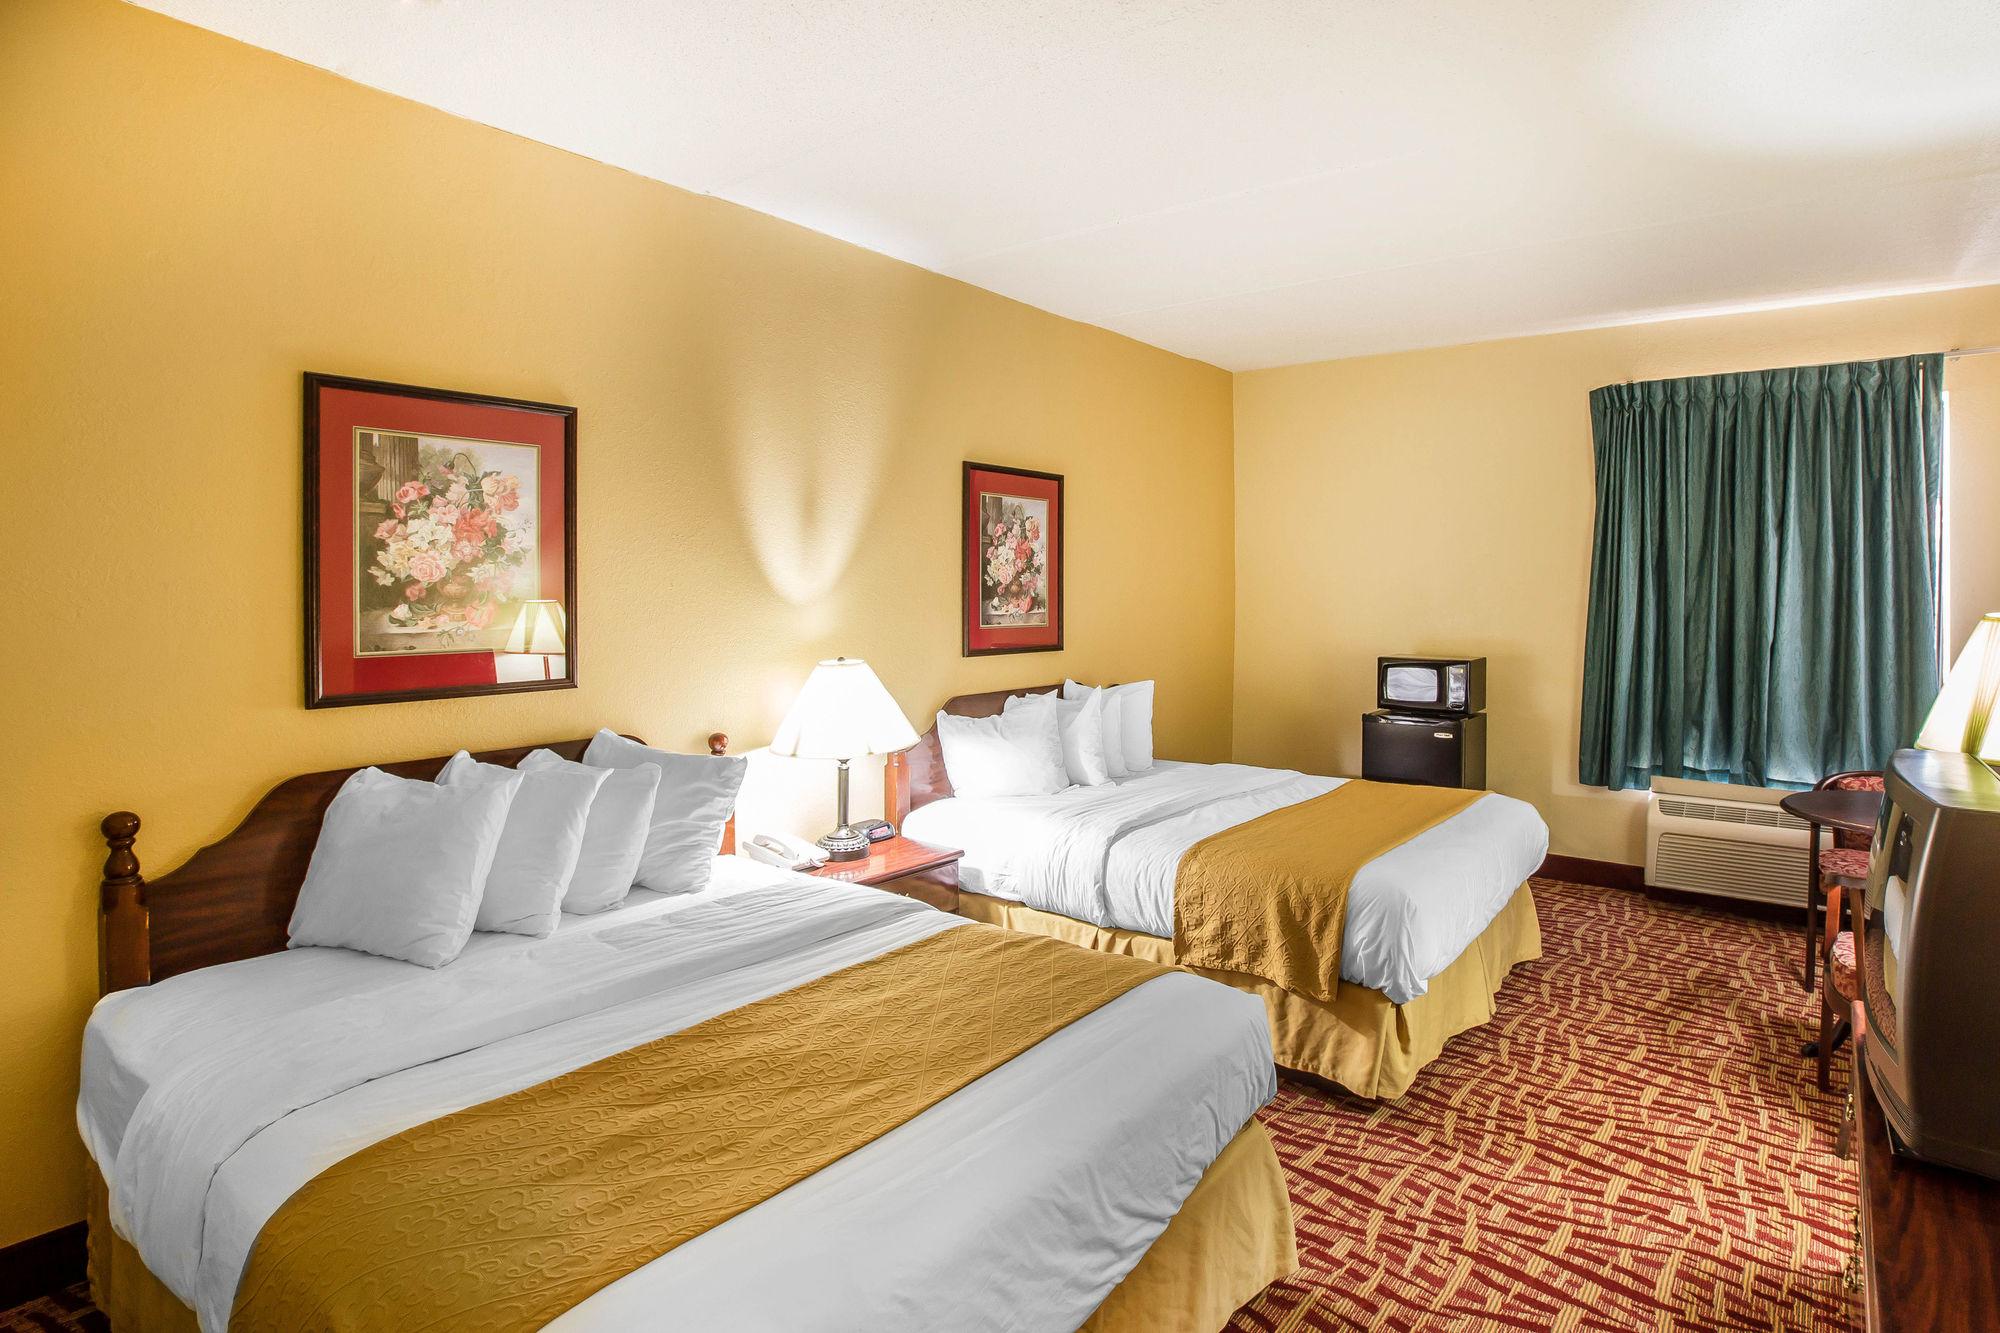 Quality Inn Lexington in Lexington, NC